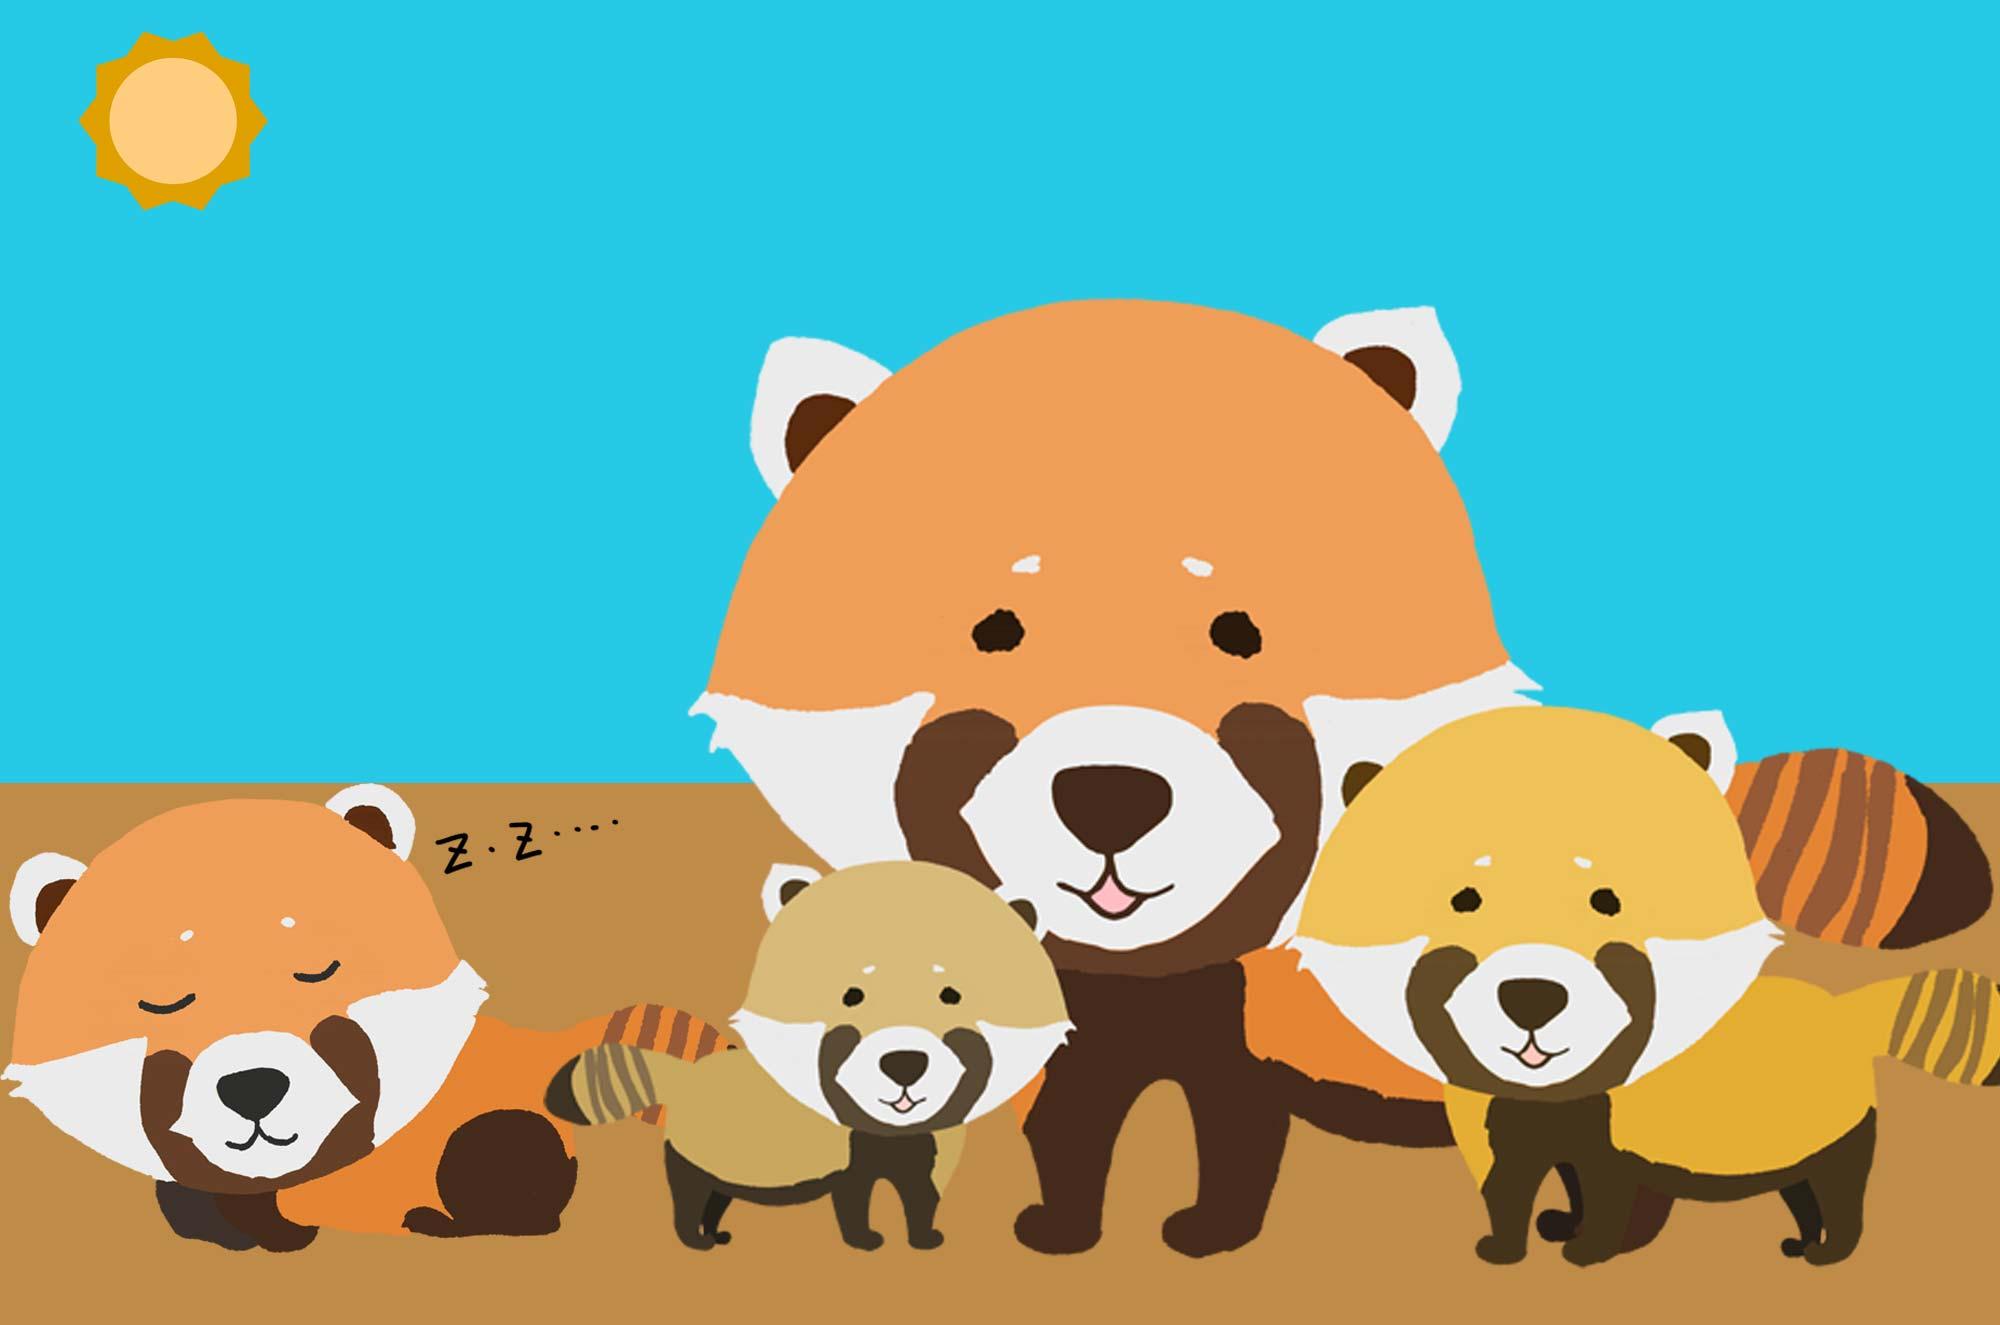 可愛いレッサーパンダのイラスト - おもしろ動物素材 - チコデザ